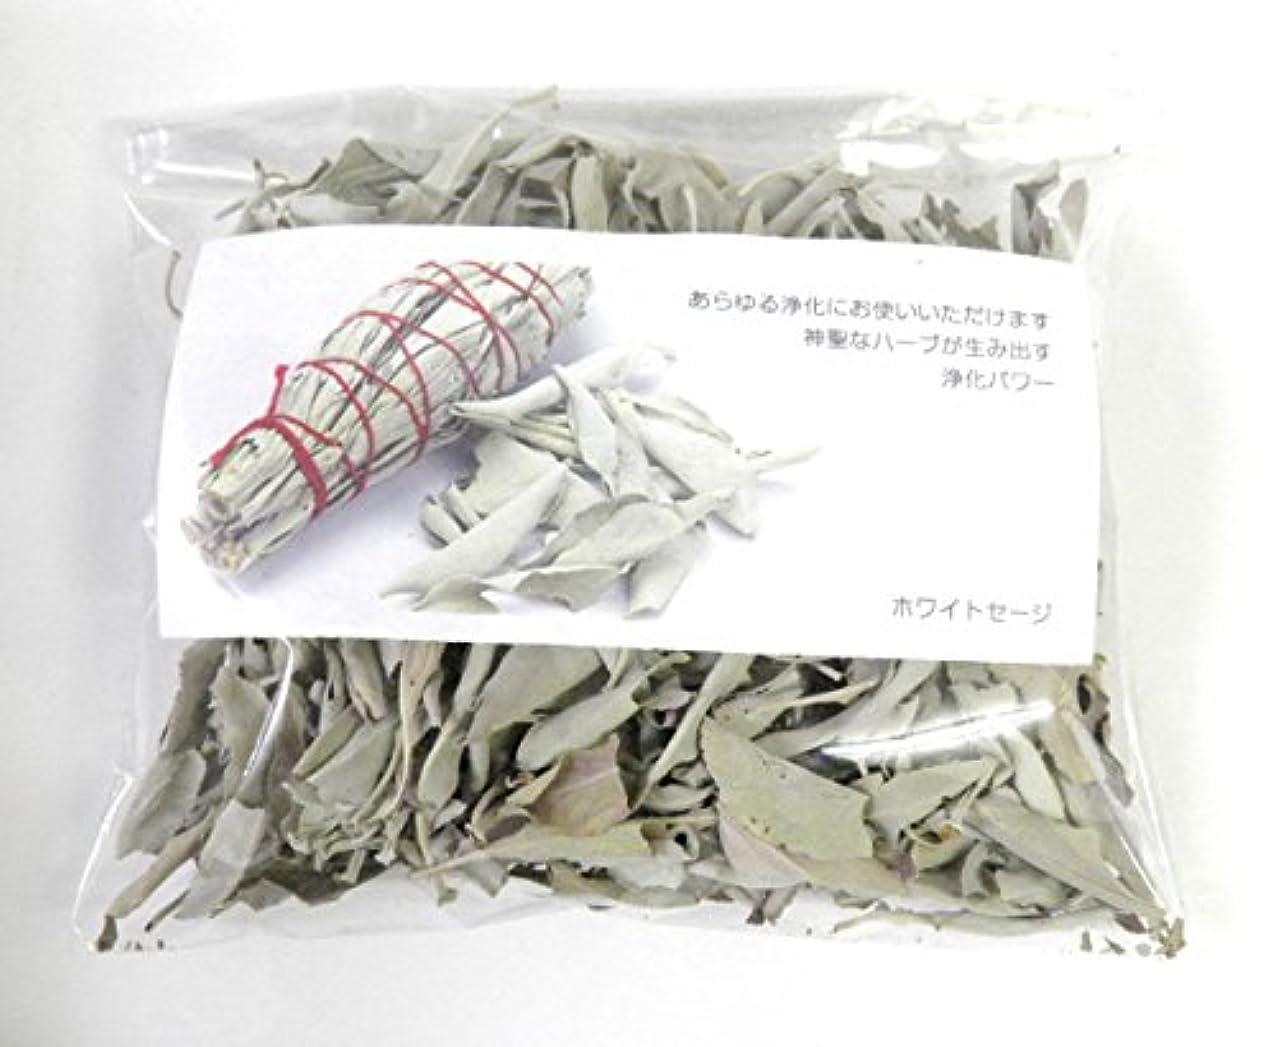 マリナーバスタブ眠るホワイトセージ リーフのみ 約100g 浄化用 オーガニック 無農薬 お香 プロ用 パワーストーン